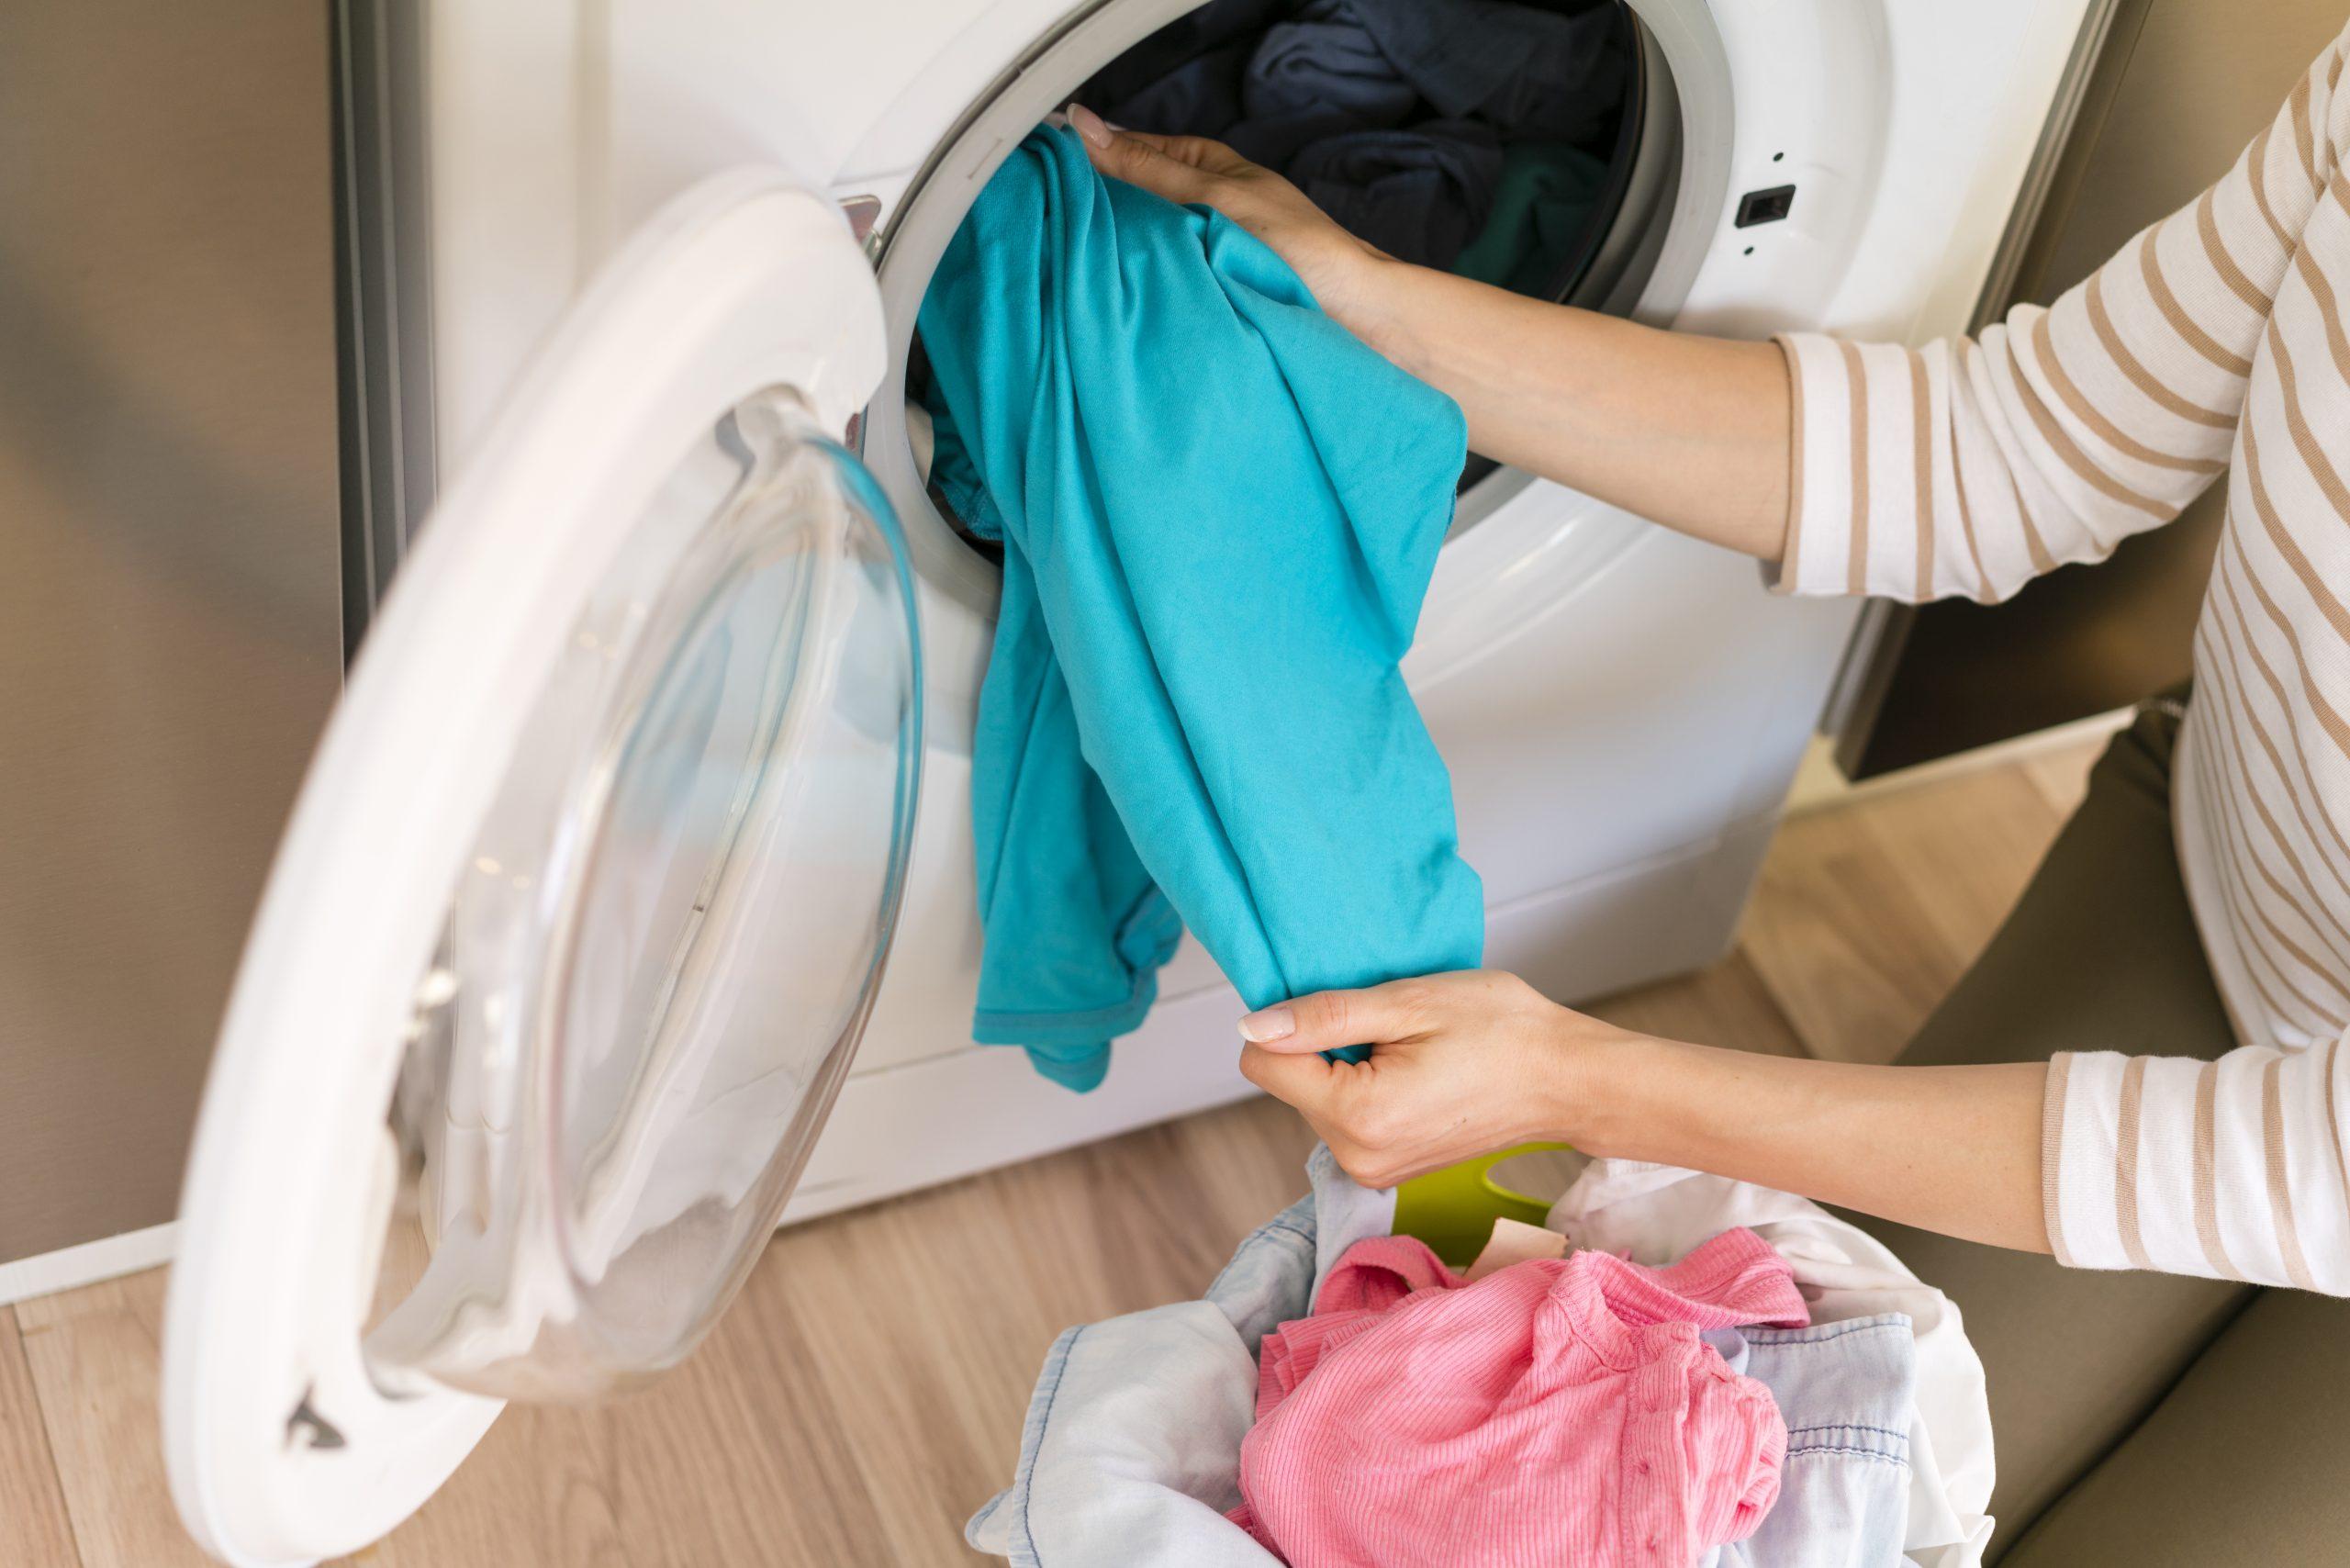 Mulher tirando roupas da máquina de lavar.